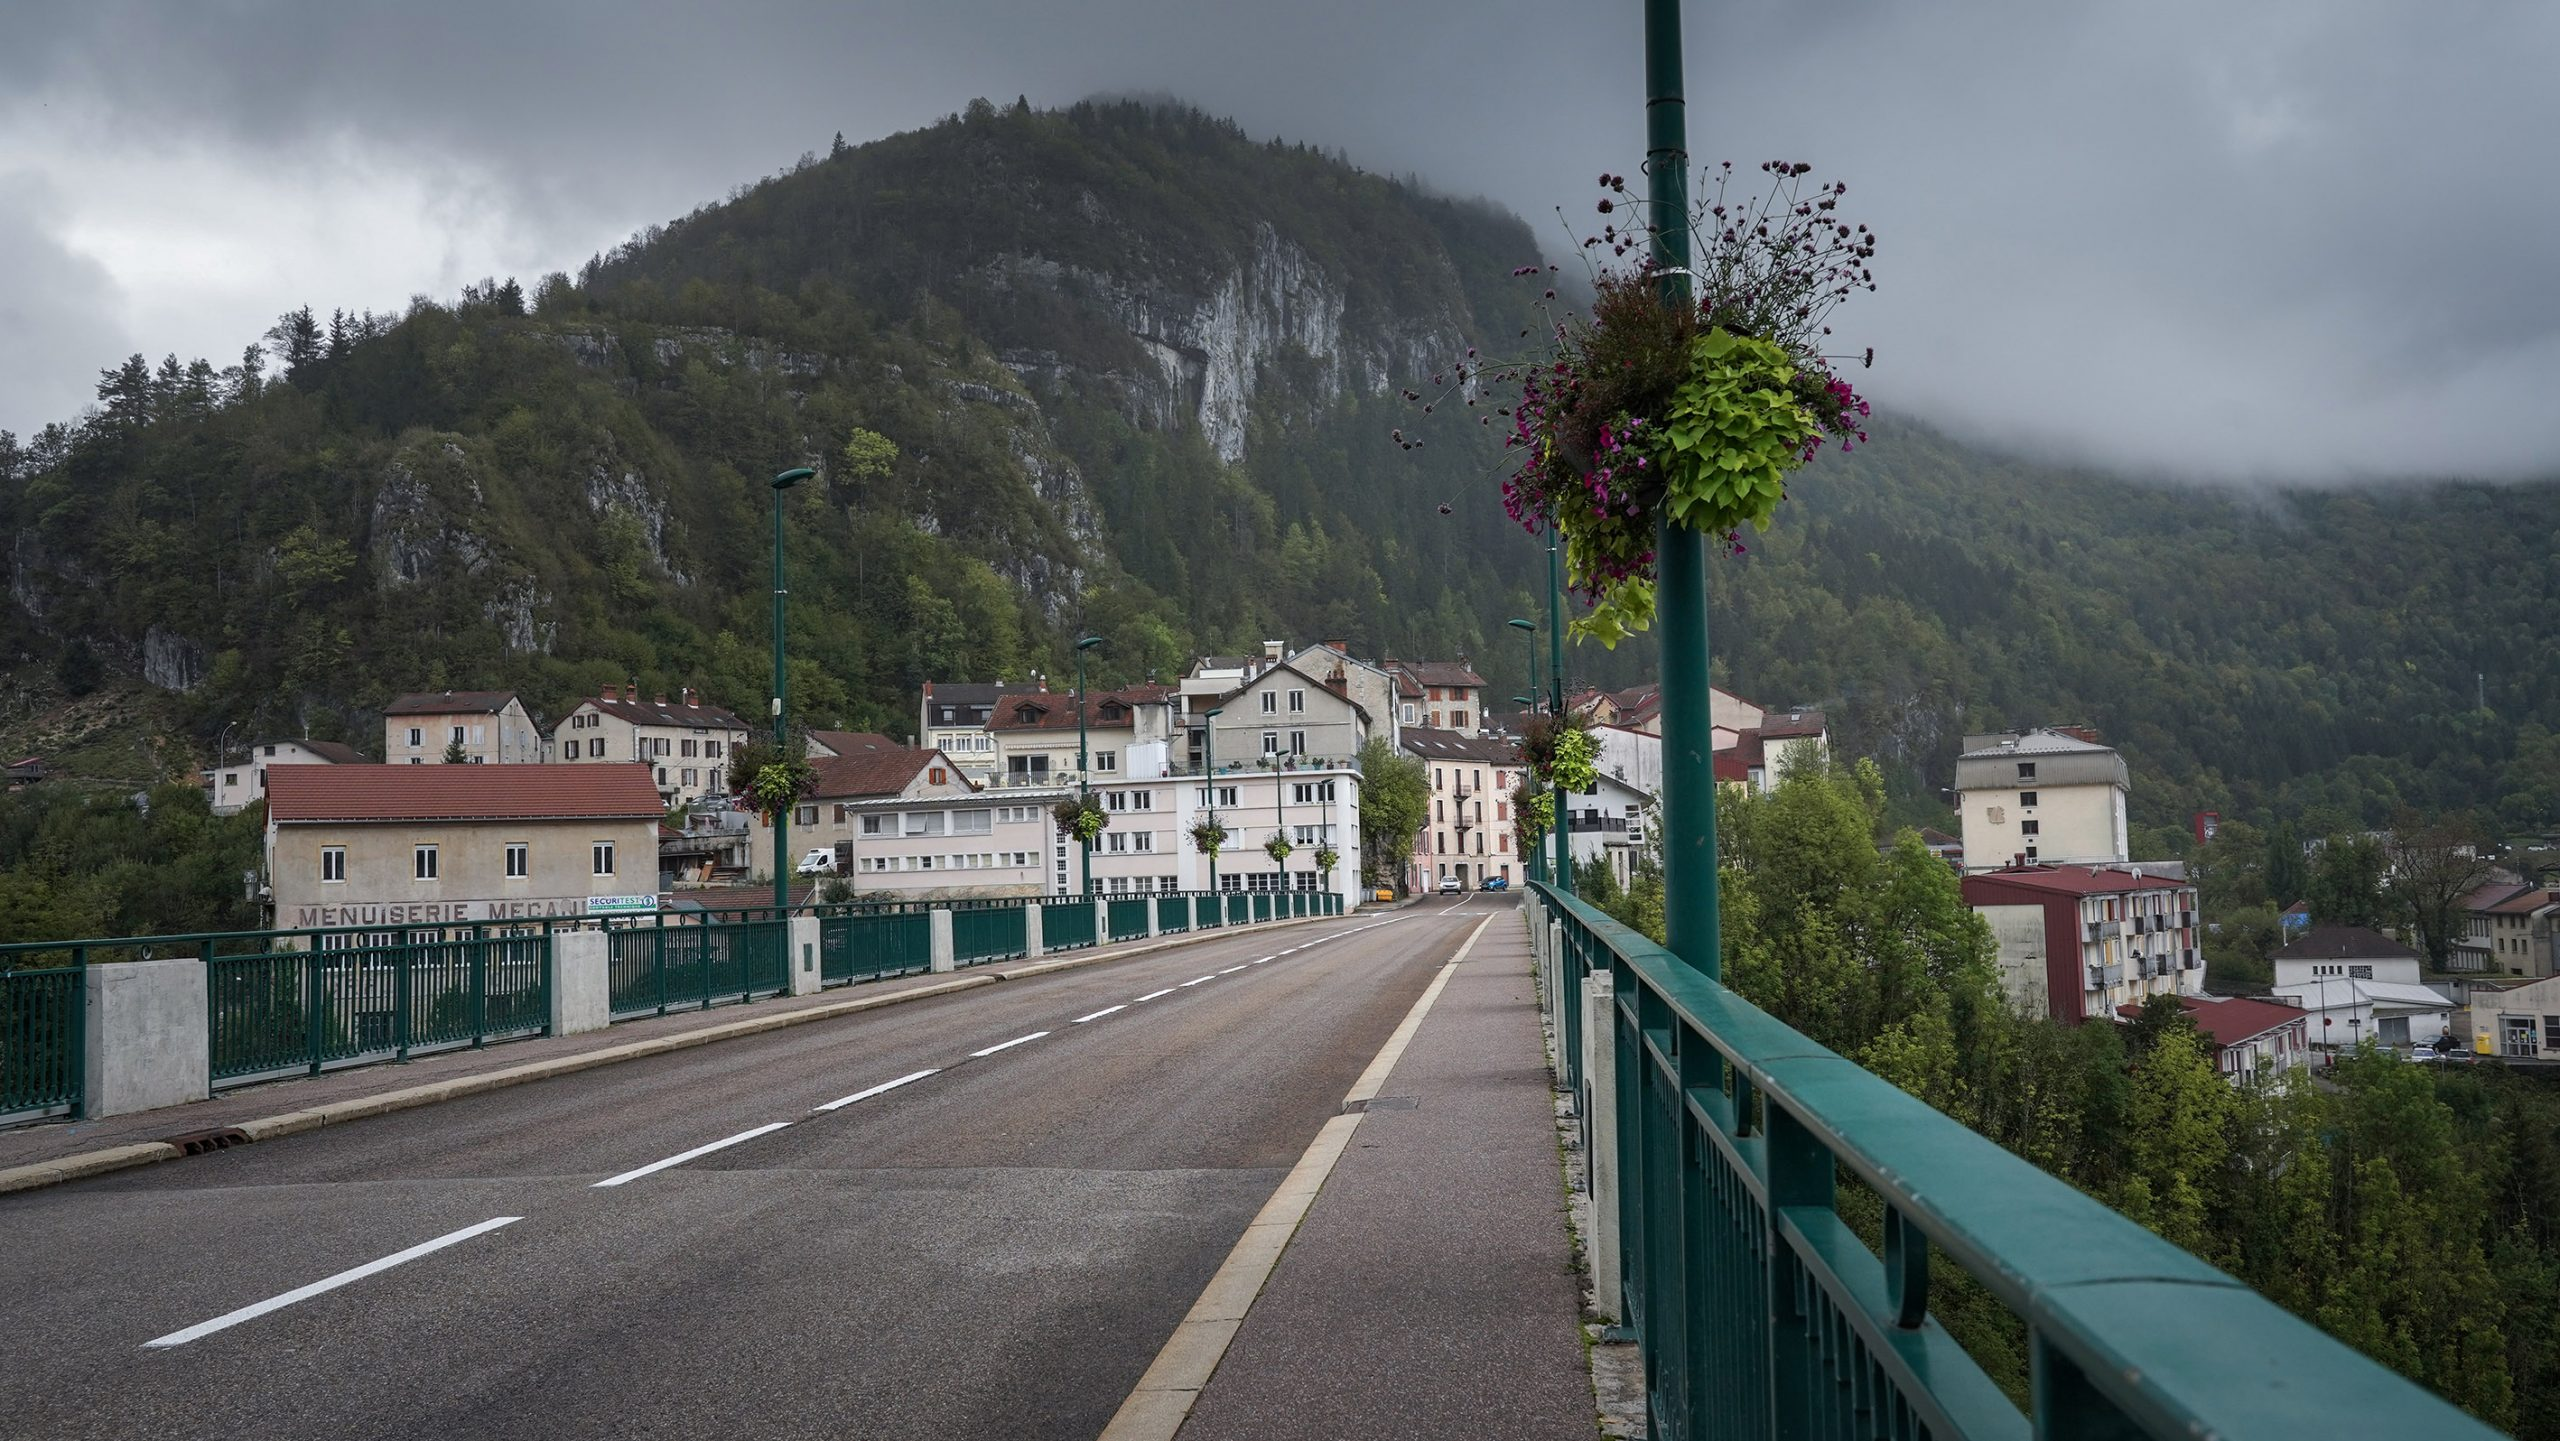 Ville Saint-Claude Jura pont maisons montagnes nuages gris brume